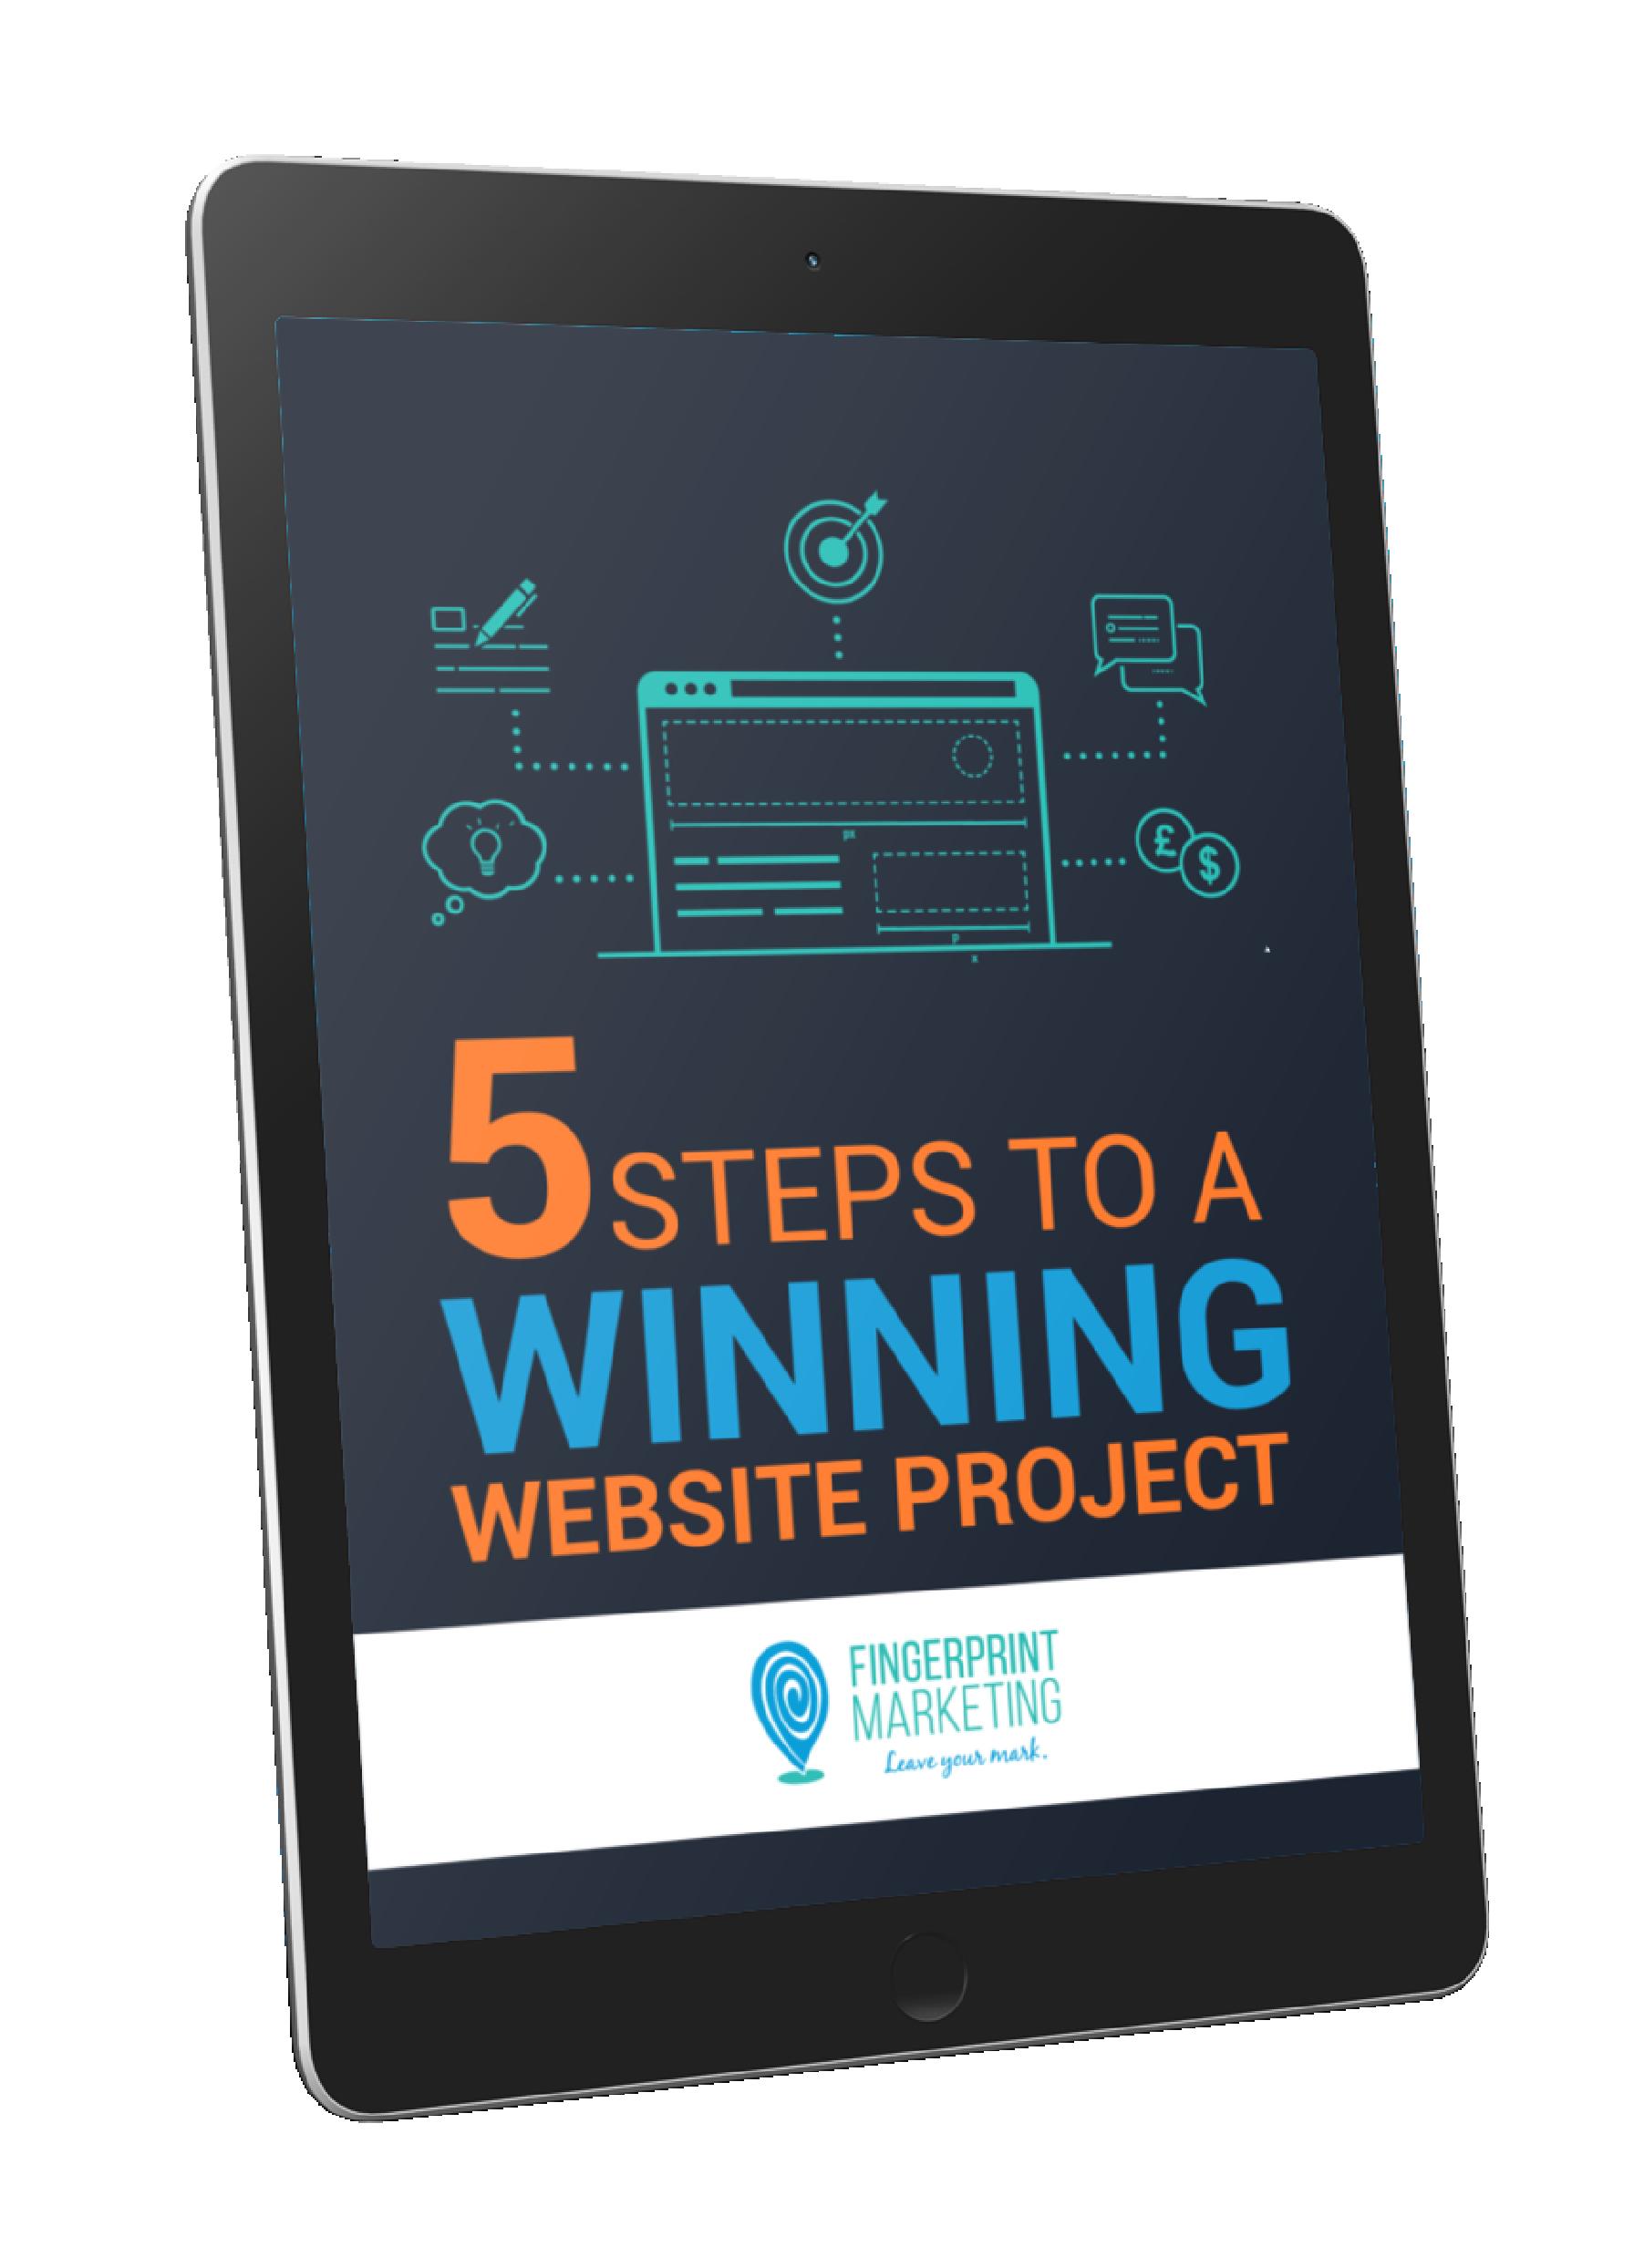 5 Steps To A Winning Website